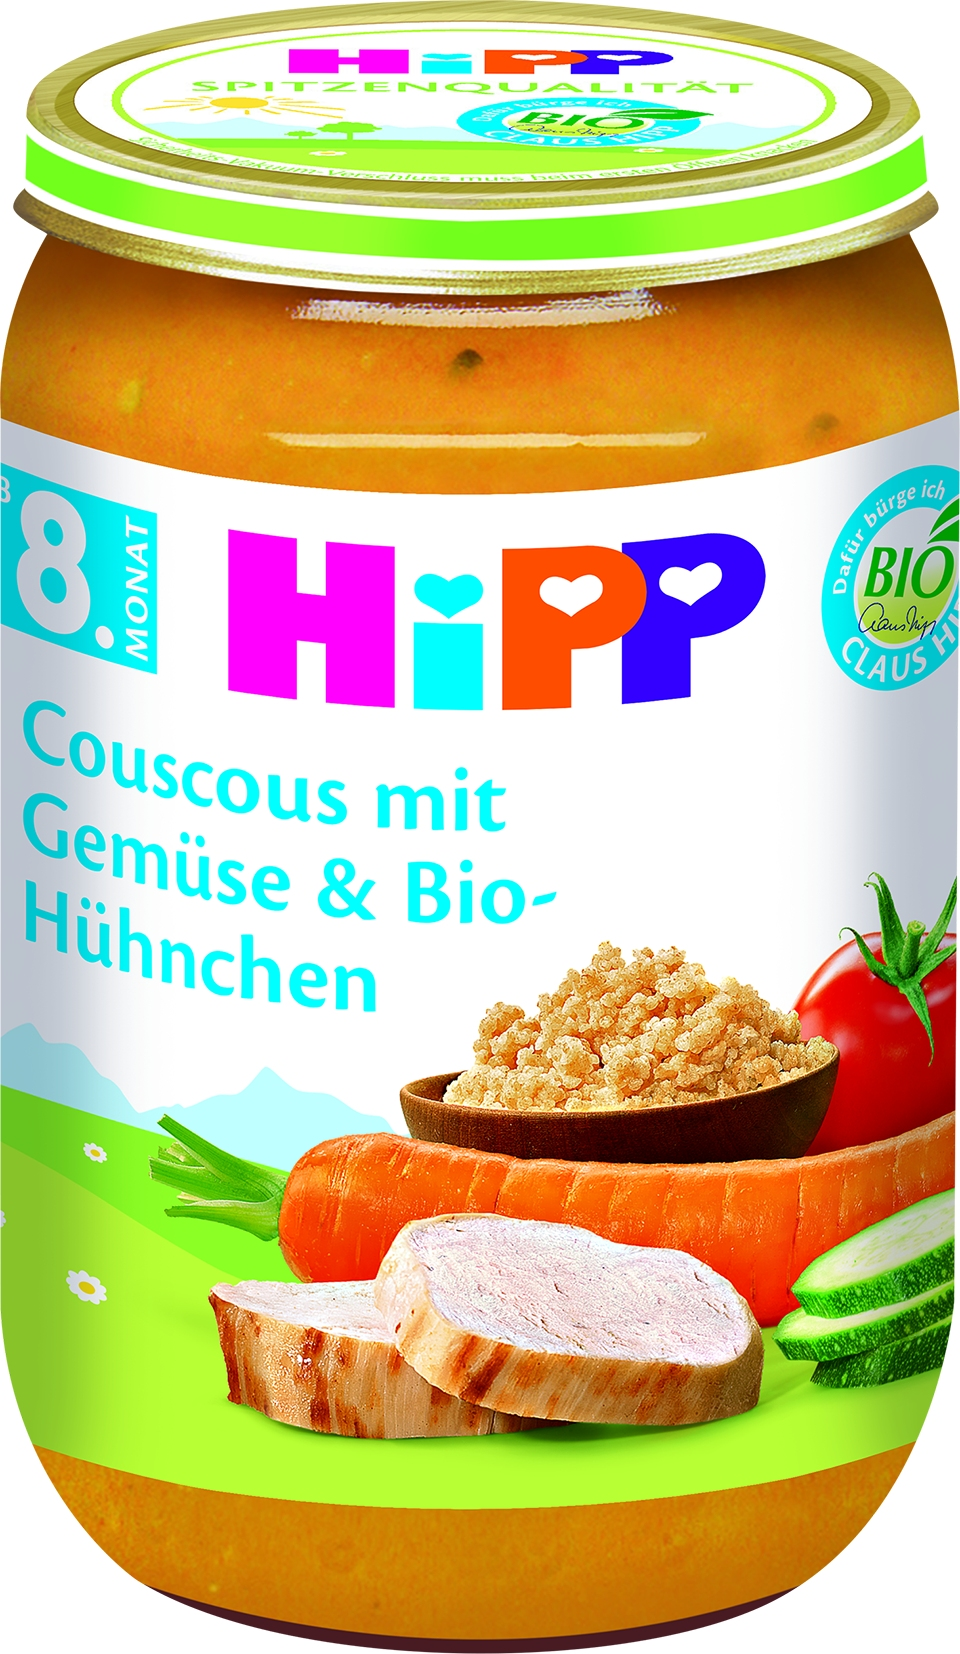 Bio 6495-01 Couscous mit Gemüse und Hühnchen